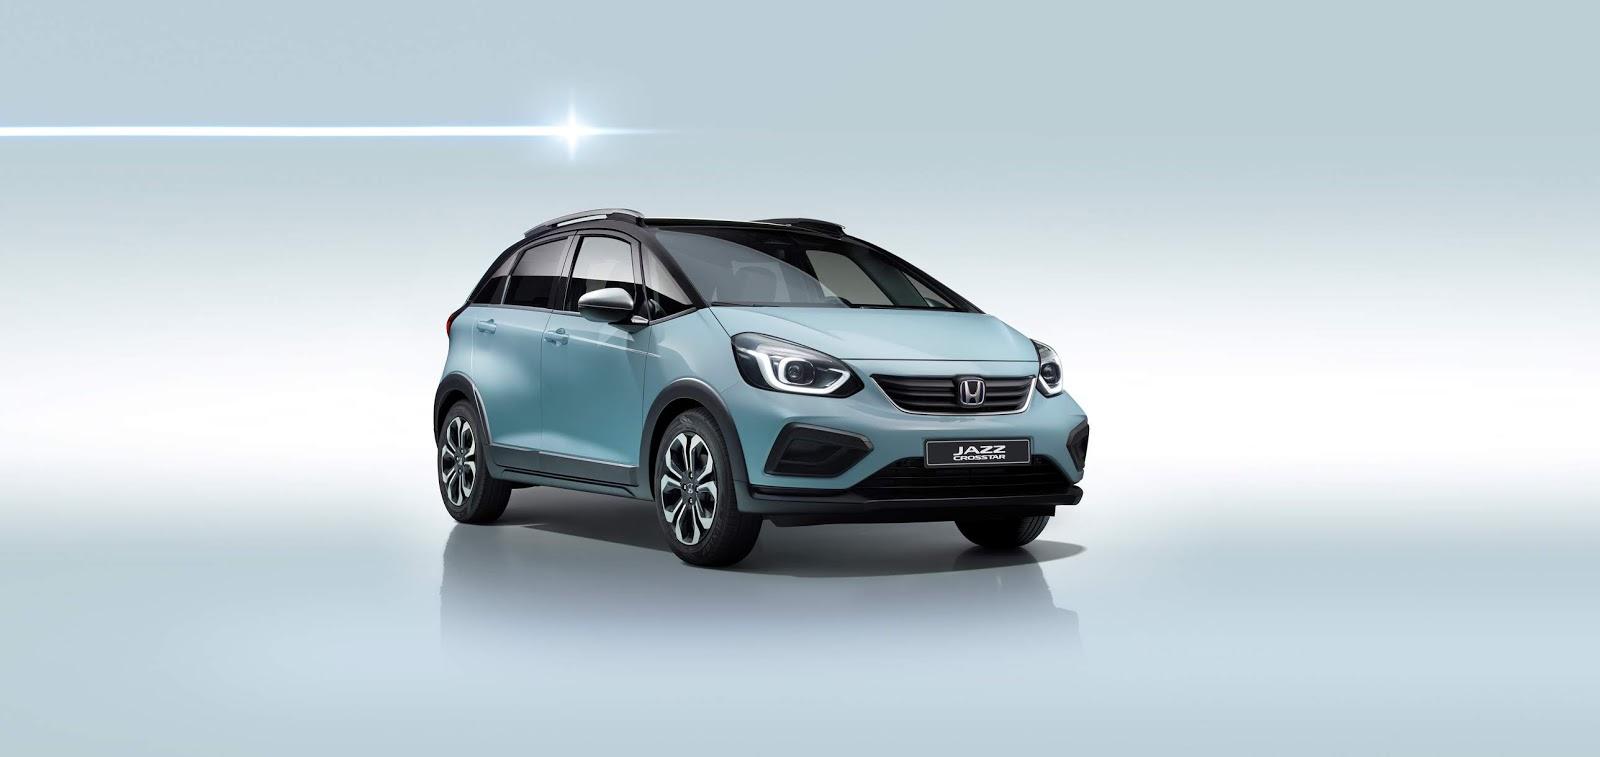 Το νέο Jazz οδηγεί το άνοιγμα της Honda στην ηλεκτροκίνηση Electric cars, Honda, Honda Jazz, καινούργιο, καινούρια